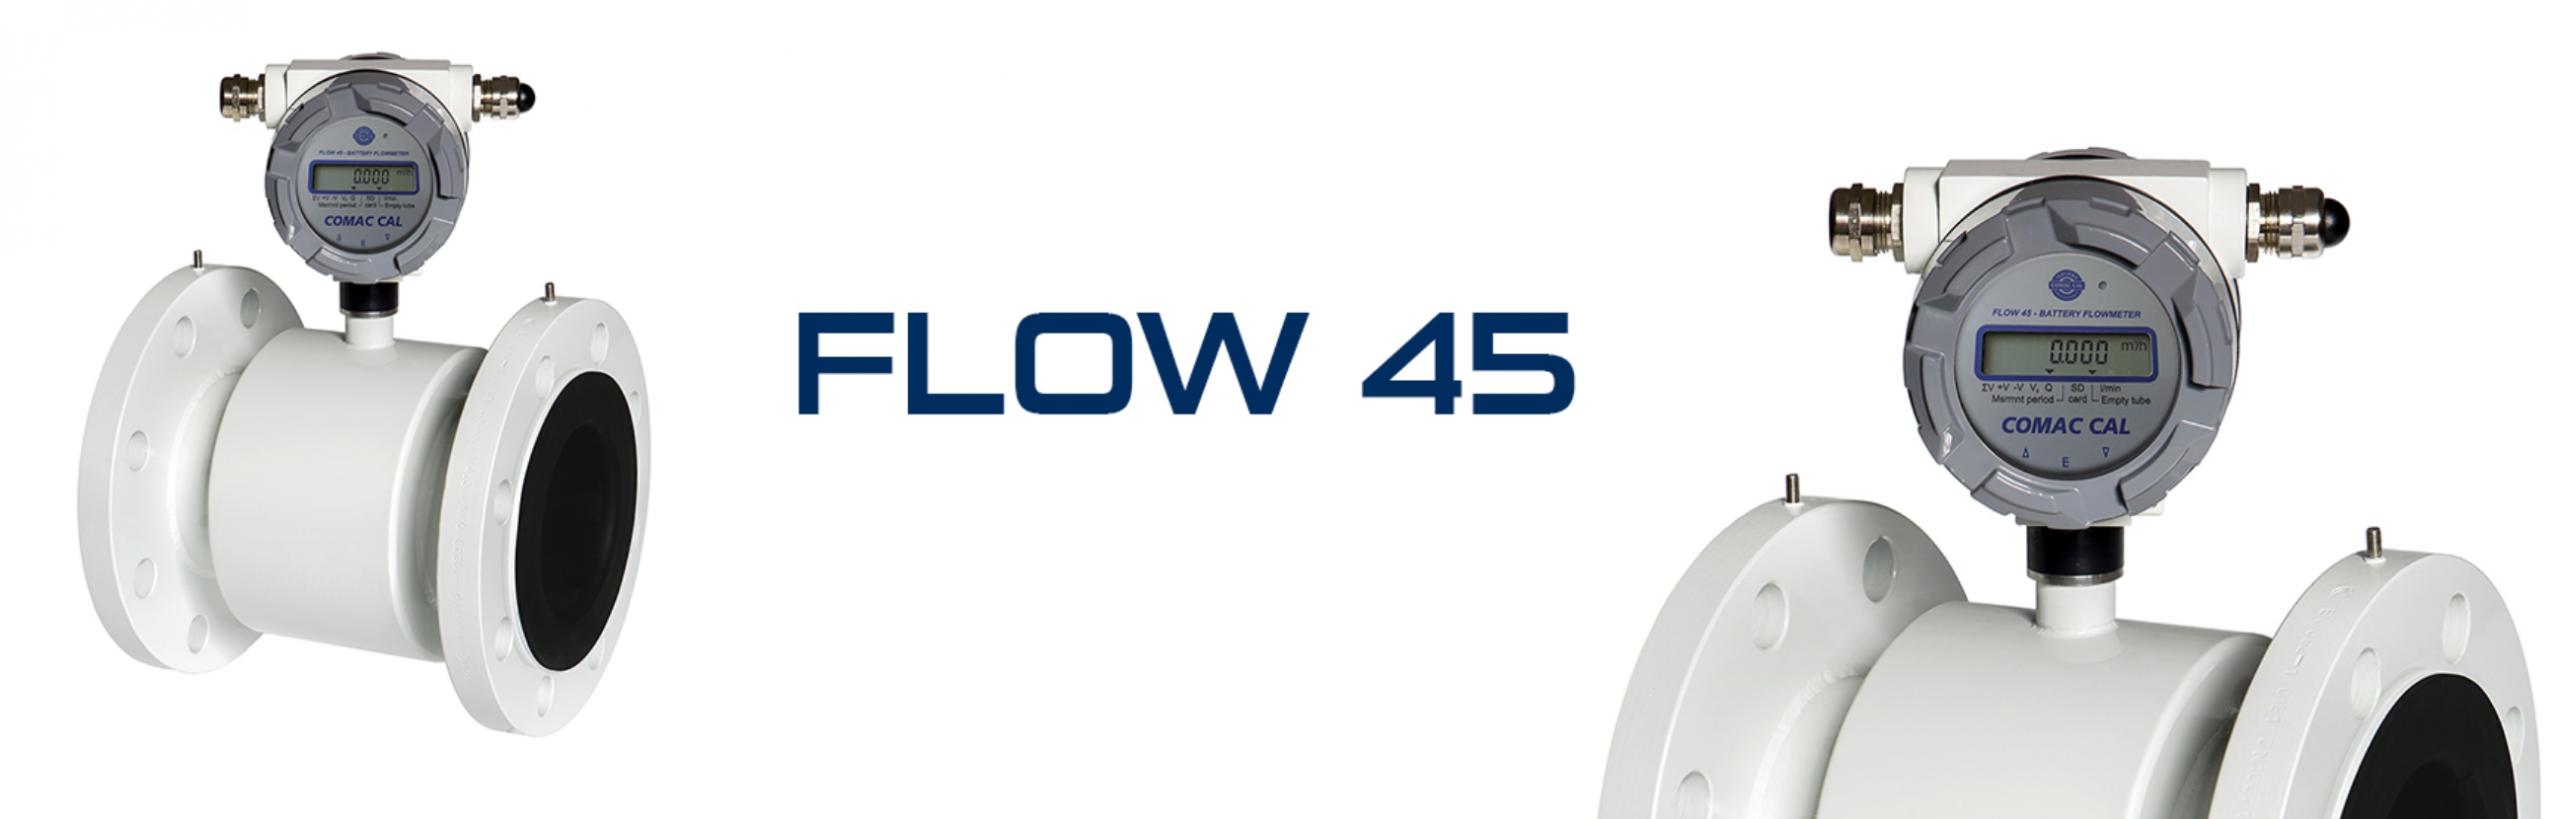 Đồng hồ đo lưu lượng Flow45